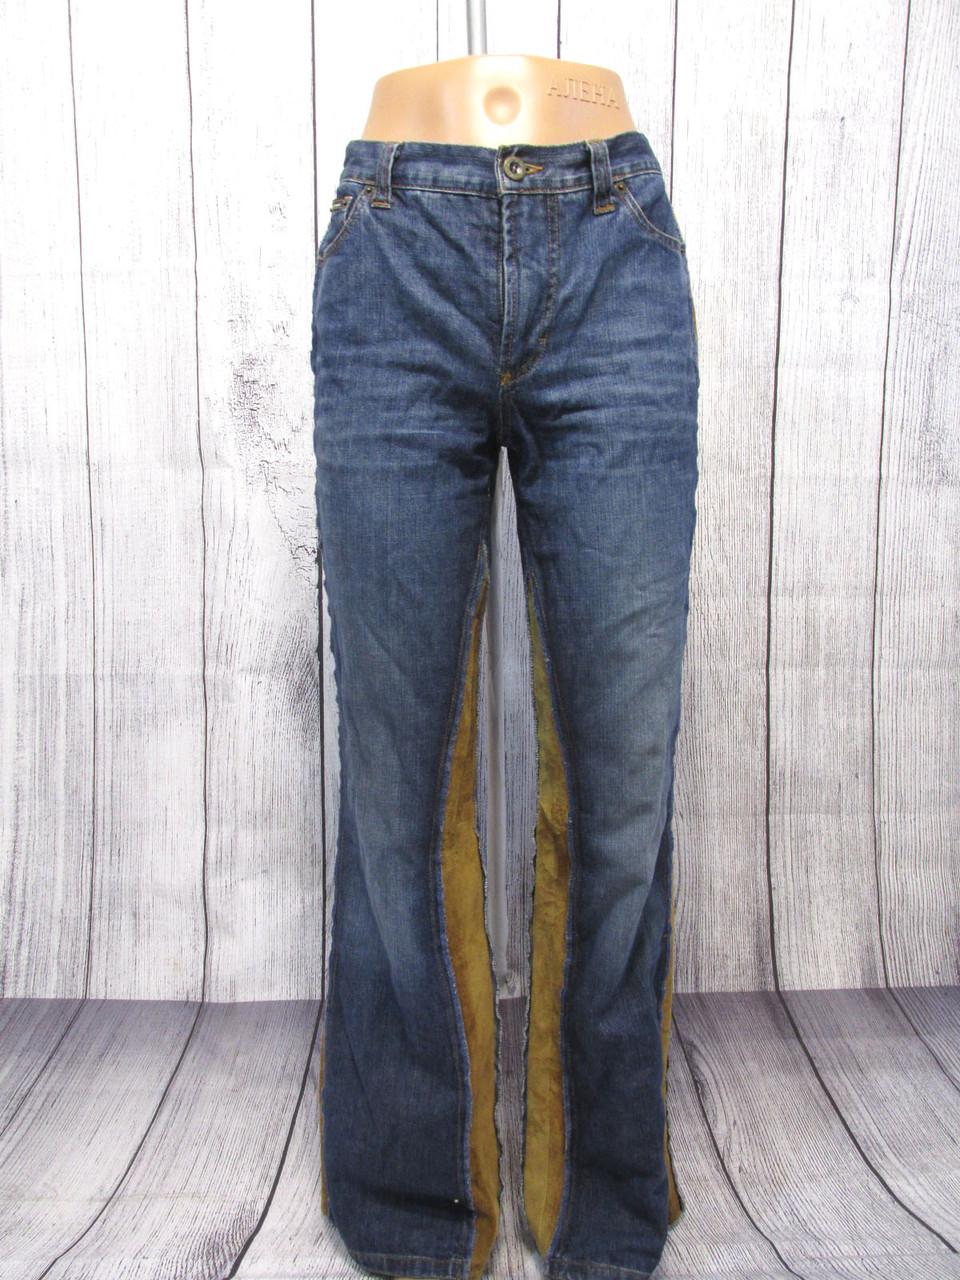 Купити жіночі джинси в Луцьку ᐉ Продаж жіночих джинсів c972a74e734c0